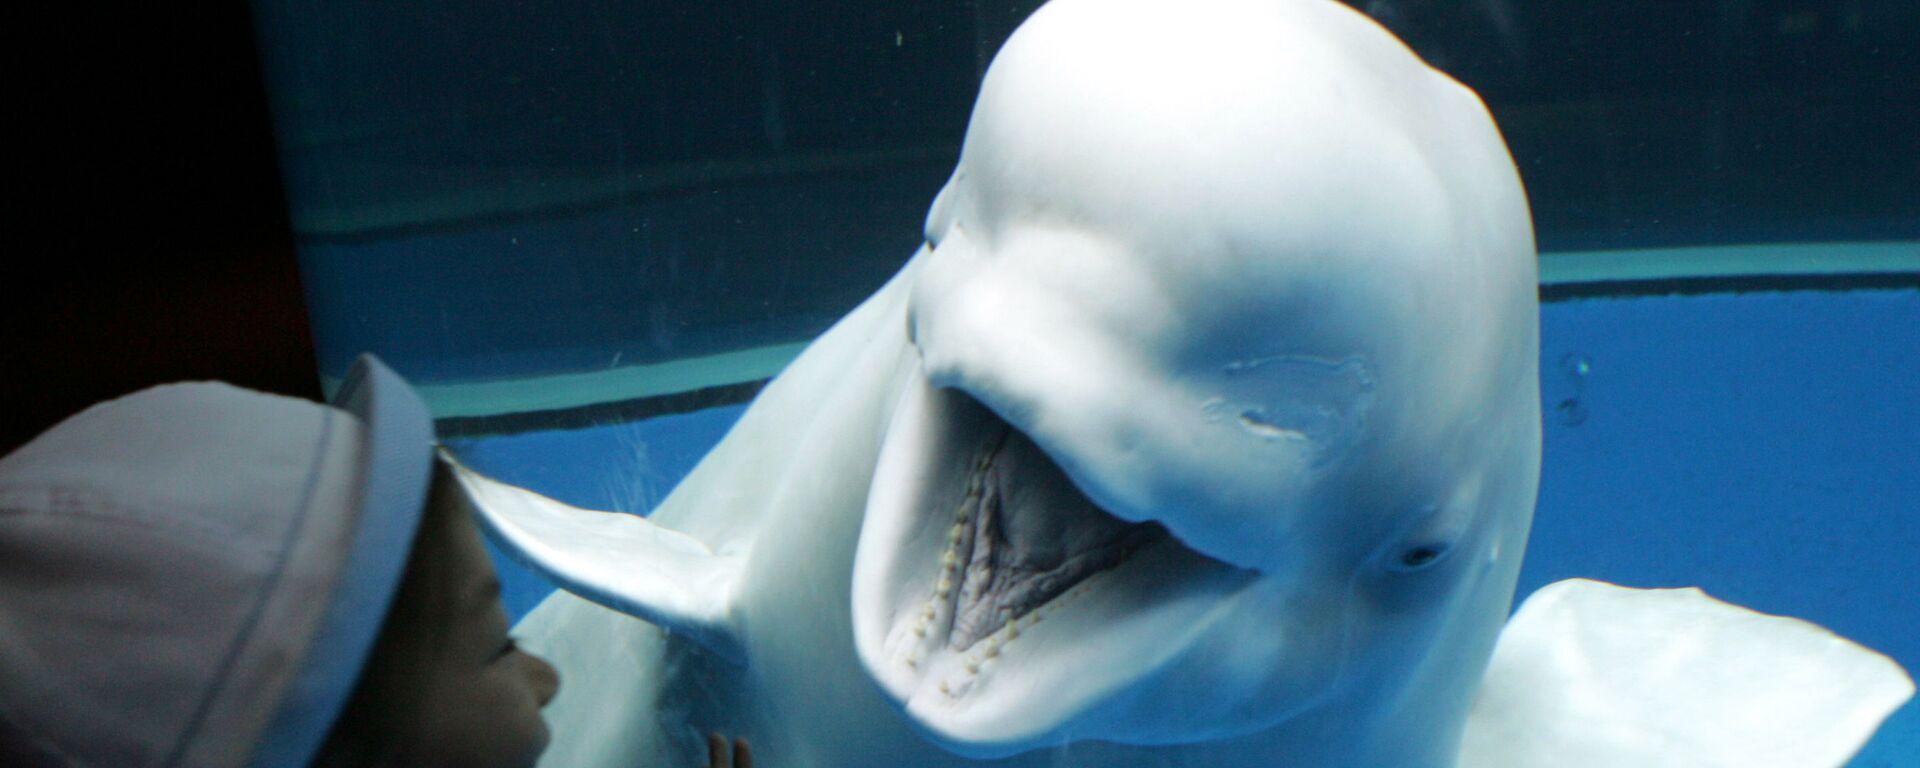 Белый кит реагирует на девушку, восхищающуюся морским существом в аквариуме Sea Paradise в Хаккейдзима, Япония - Sputnik Česká republika, 1920, 23.07.2021